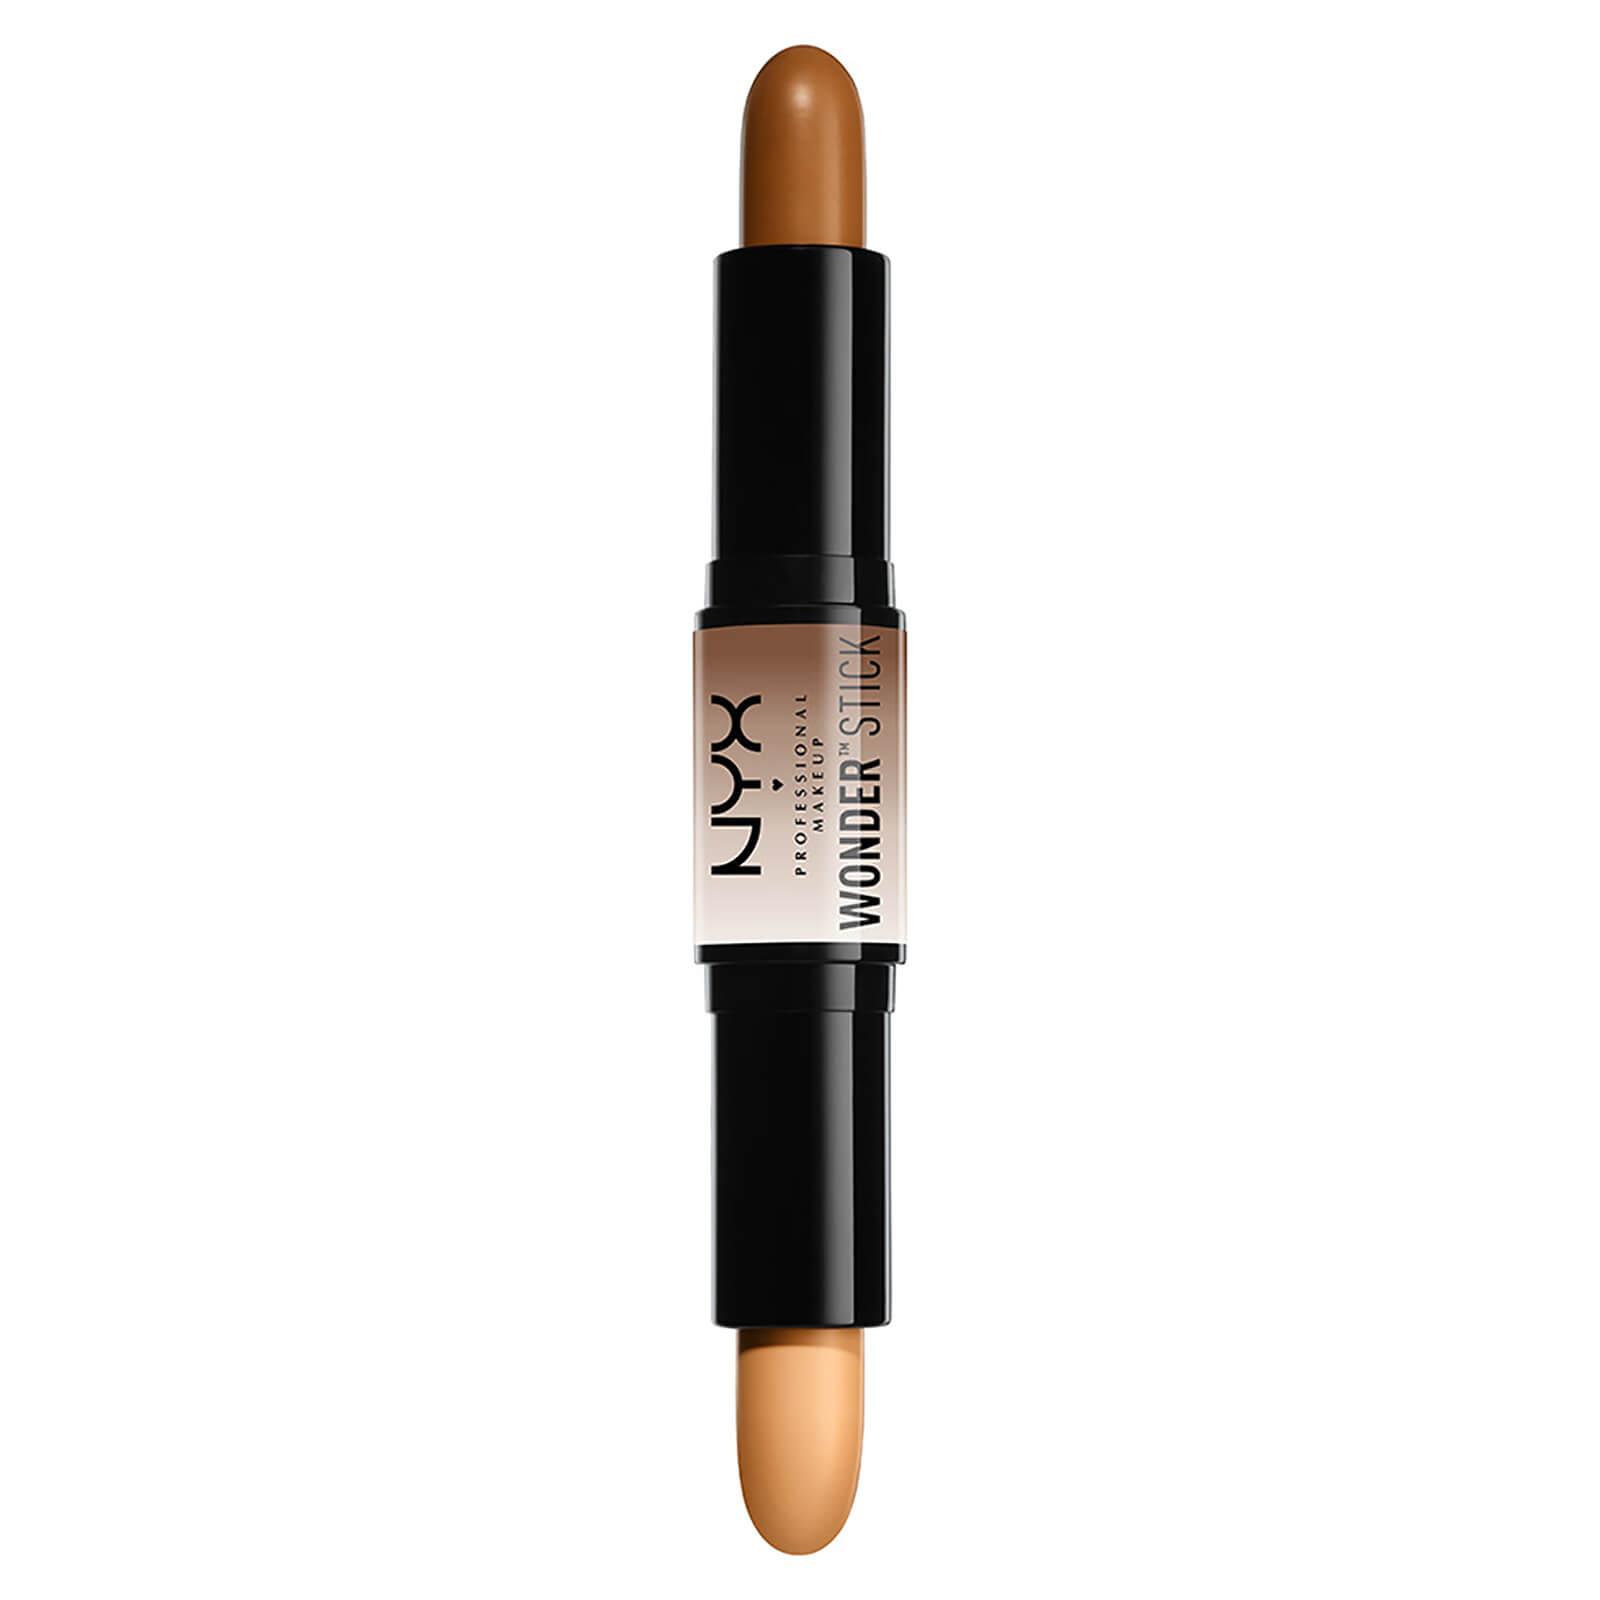 Купить Двойной карандаш для контурирования NYX Professional Makeup Wonder Stick - Highlight & Contour - Deep